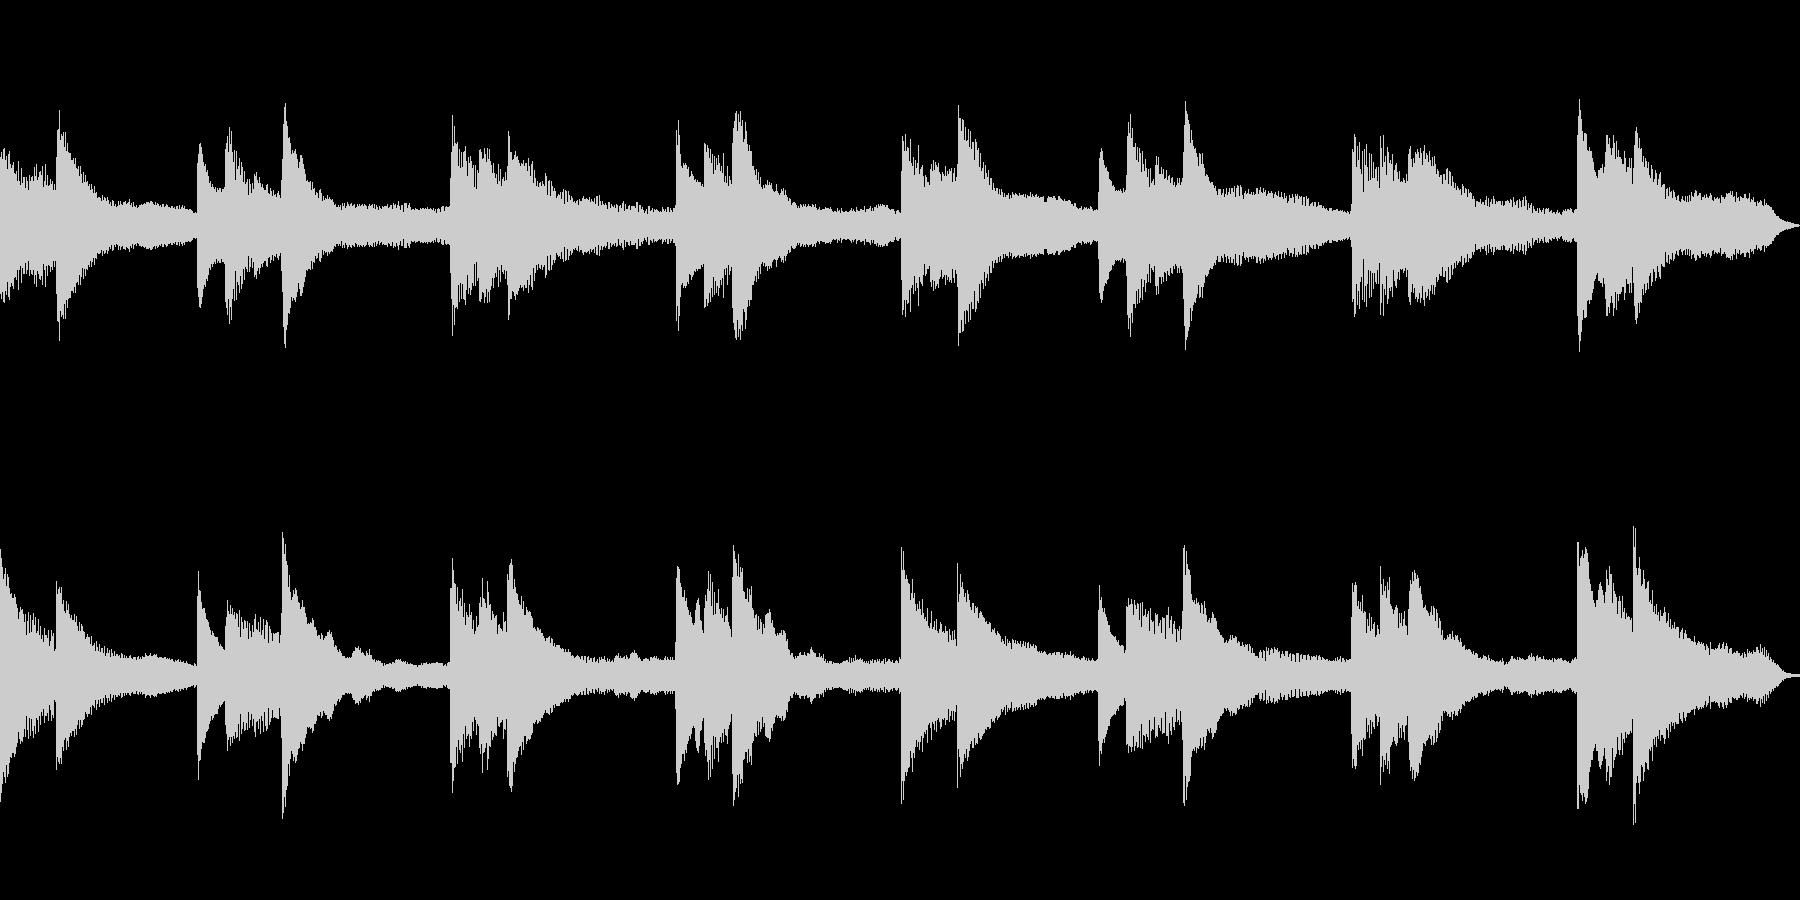 回想シーン、切ない場面にピッタリなBGMの未再生の波形